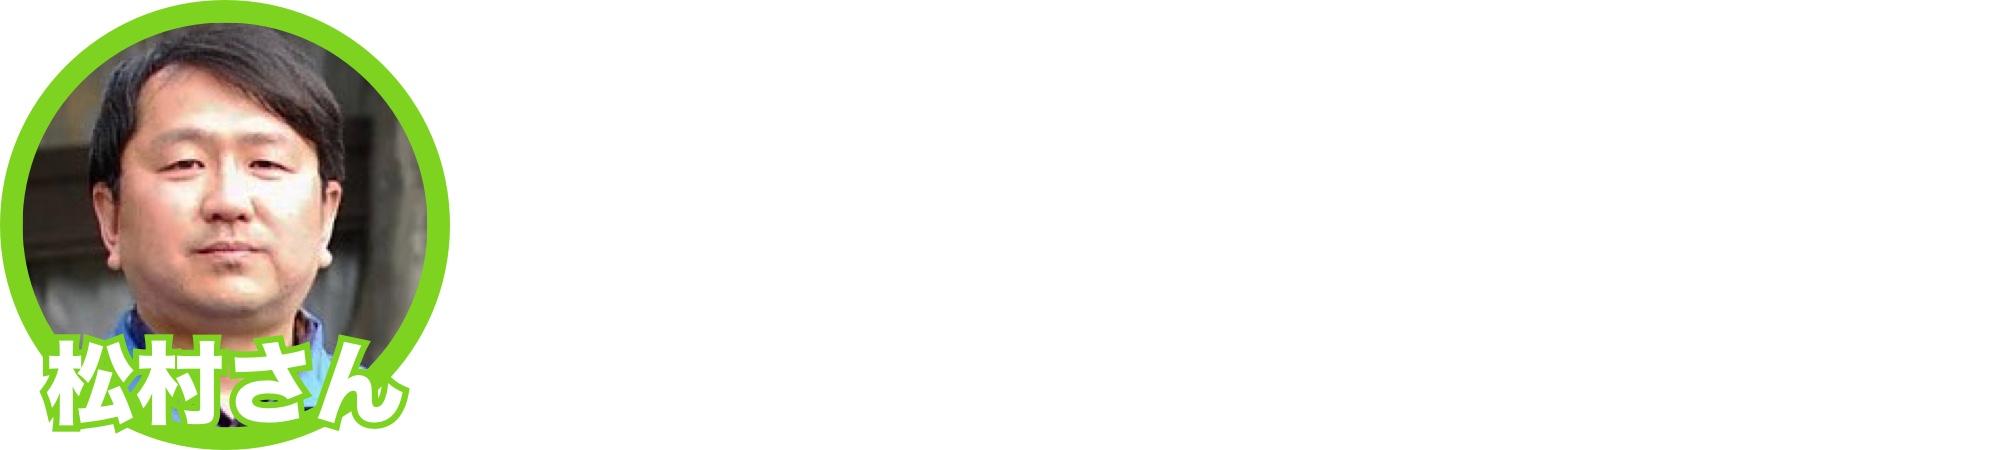 思い出をつなぐ。東山動植物園・80周年記念イベントの見どころを徹底解剖! - matsumura 1